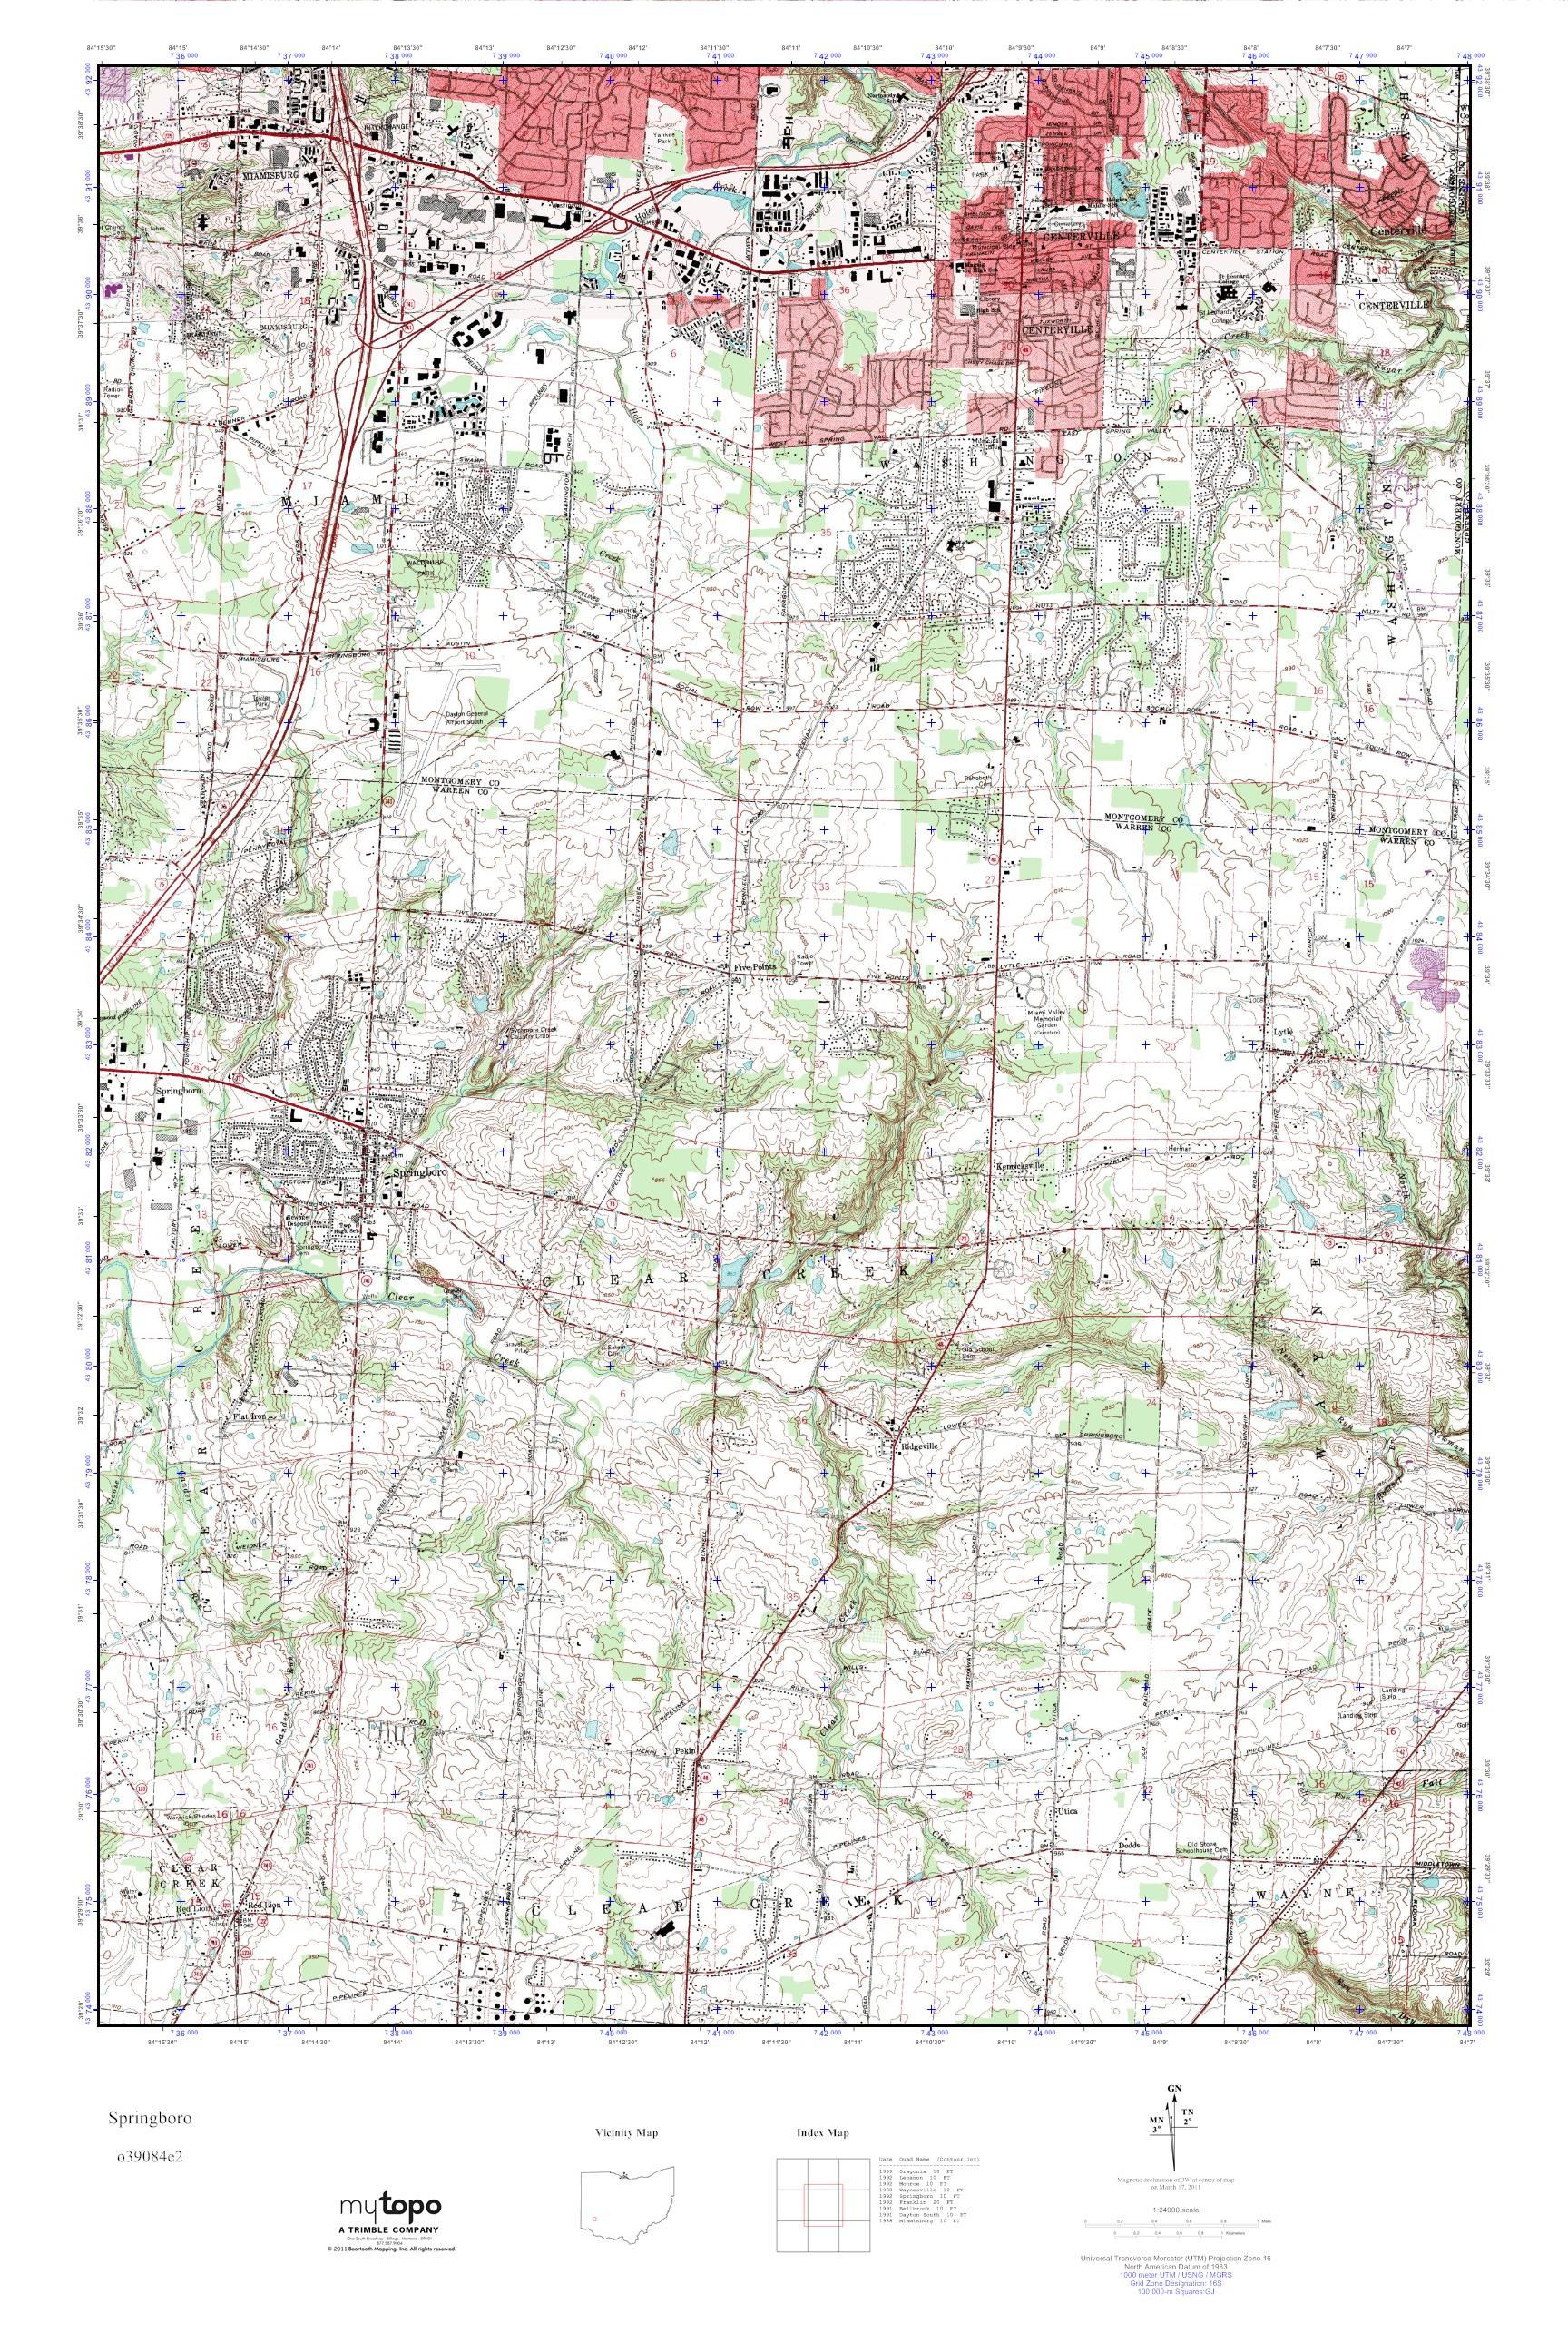 Springboro Ohio Map.Mytopo Springboro Ohio Usgs Quad Topo Map